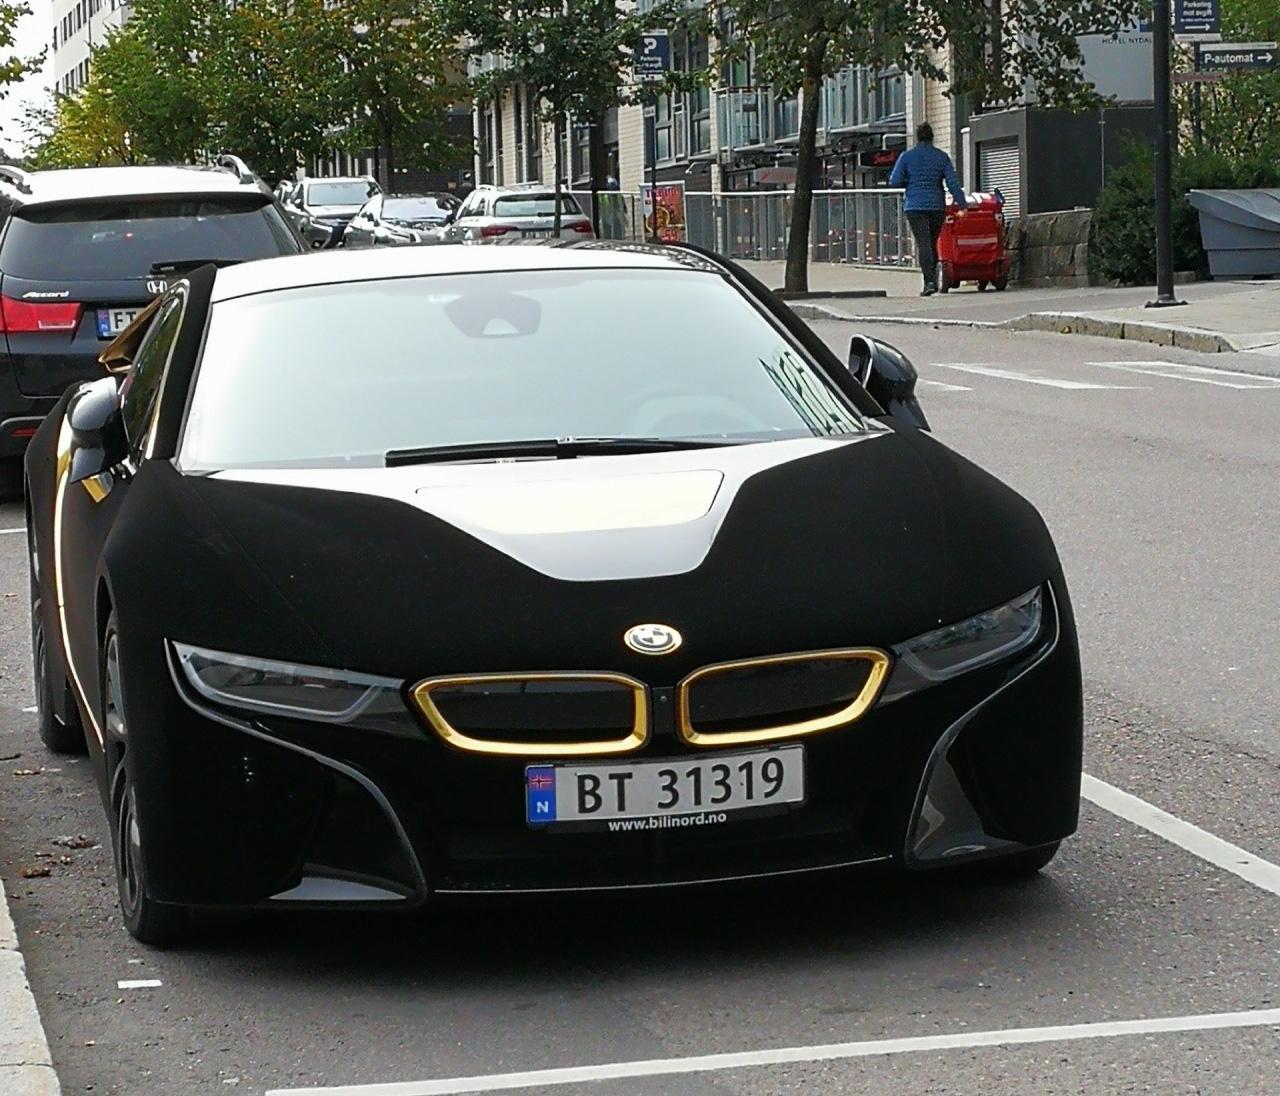 Bmw Xe: Lạ Mắt Với Xe Thể Thao BMW I8 Bọc Nhung đen Mượt Mà, Chịu